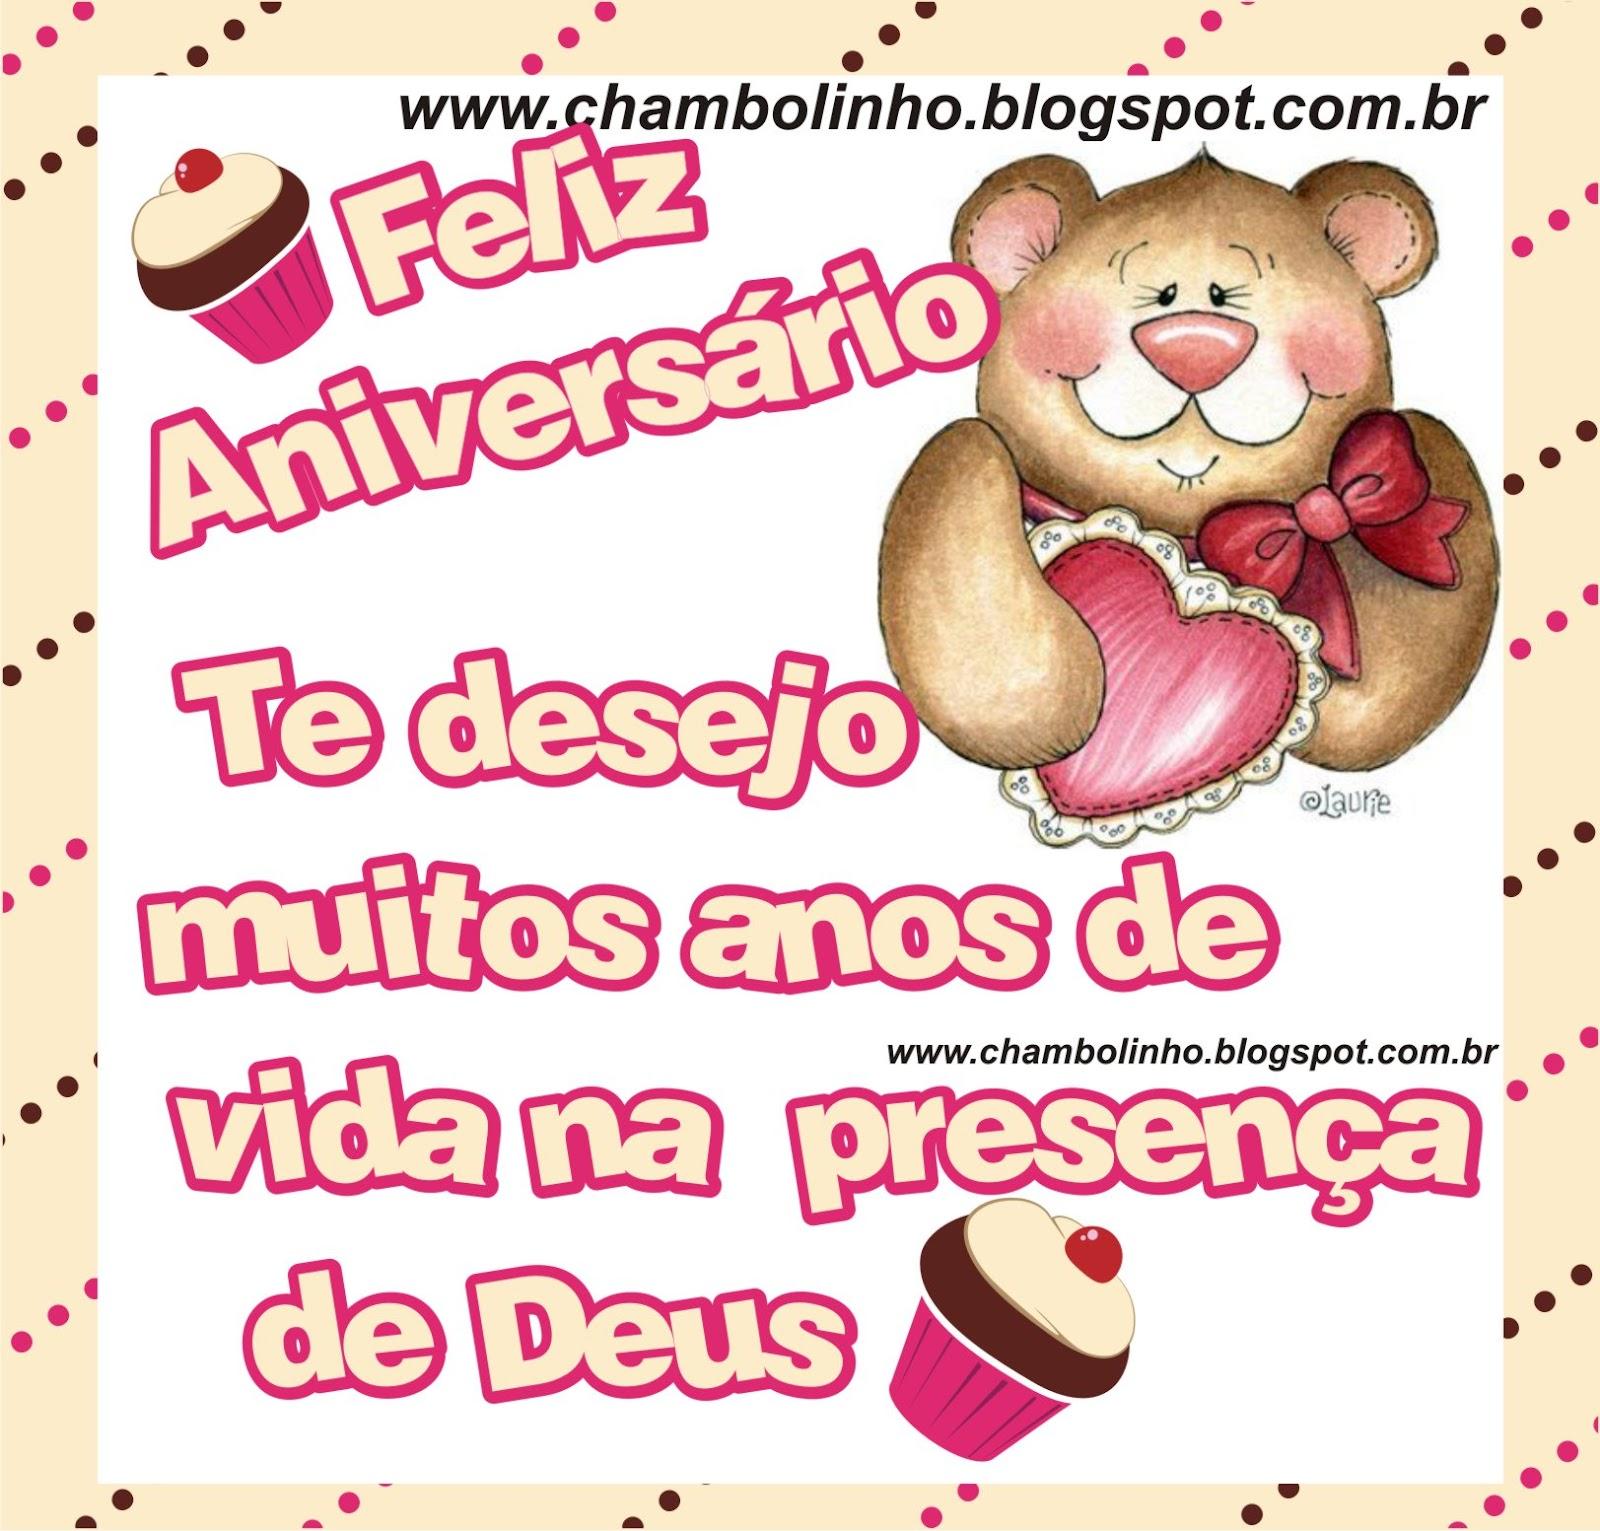 Pagina No Facebook Curte La Vai     Facebook   Chambolinho